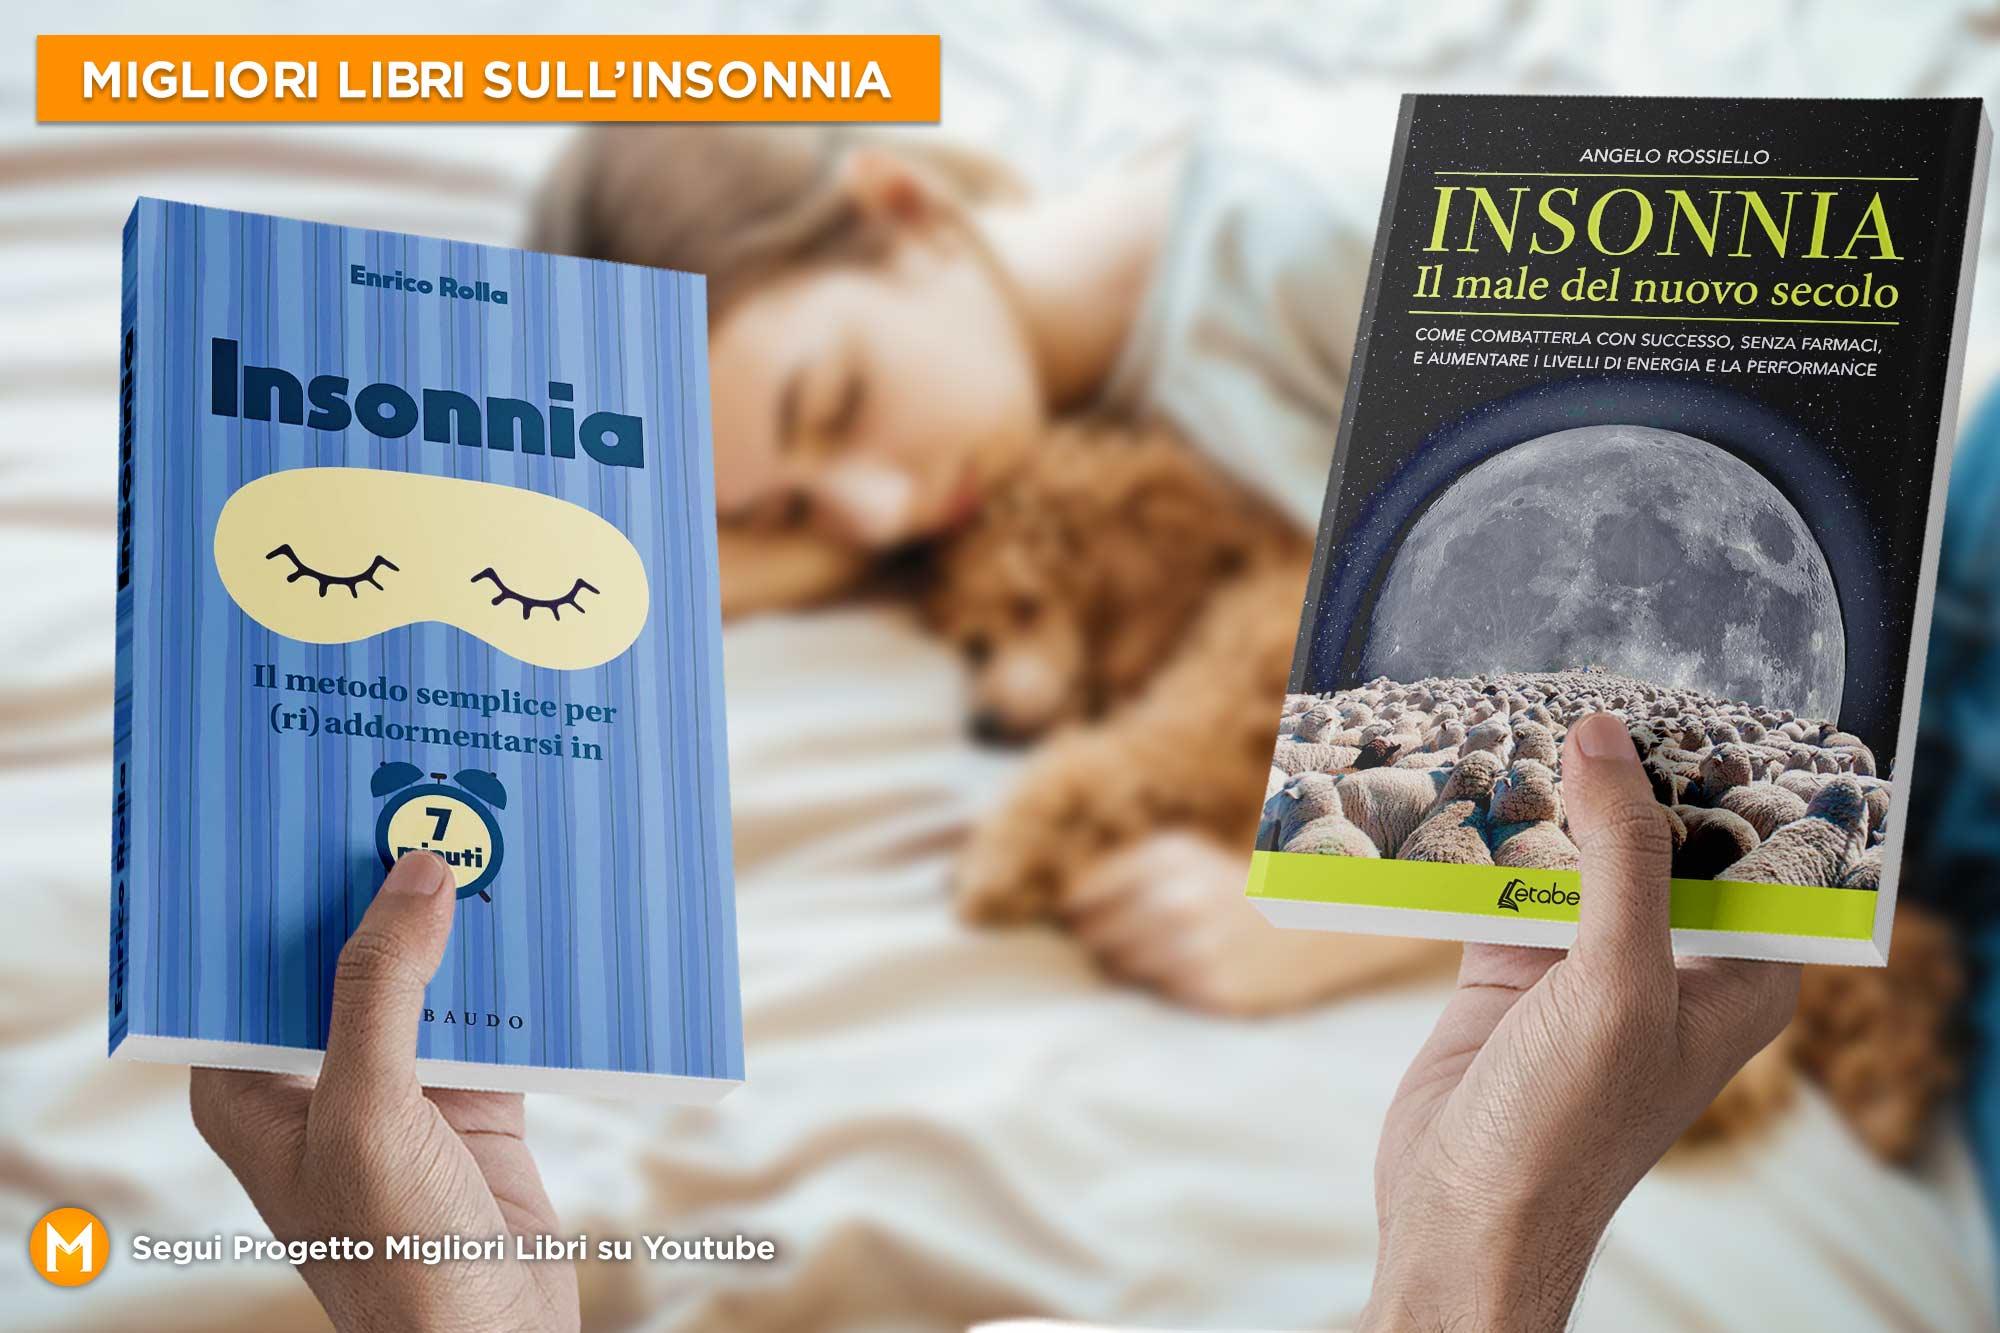 migliori-libri-sull'insonnia